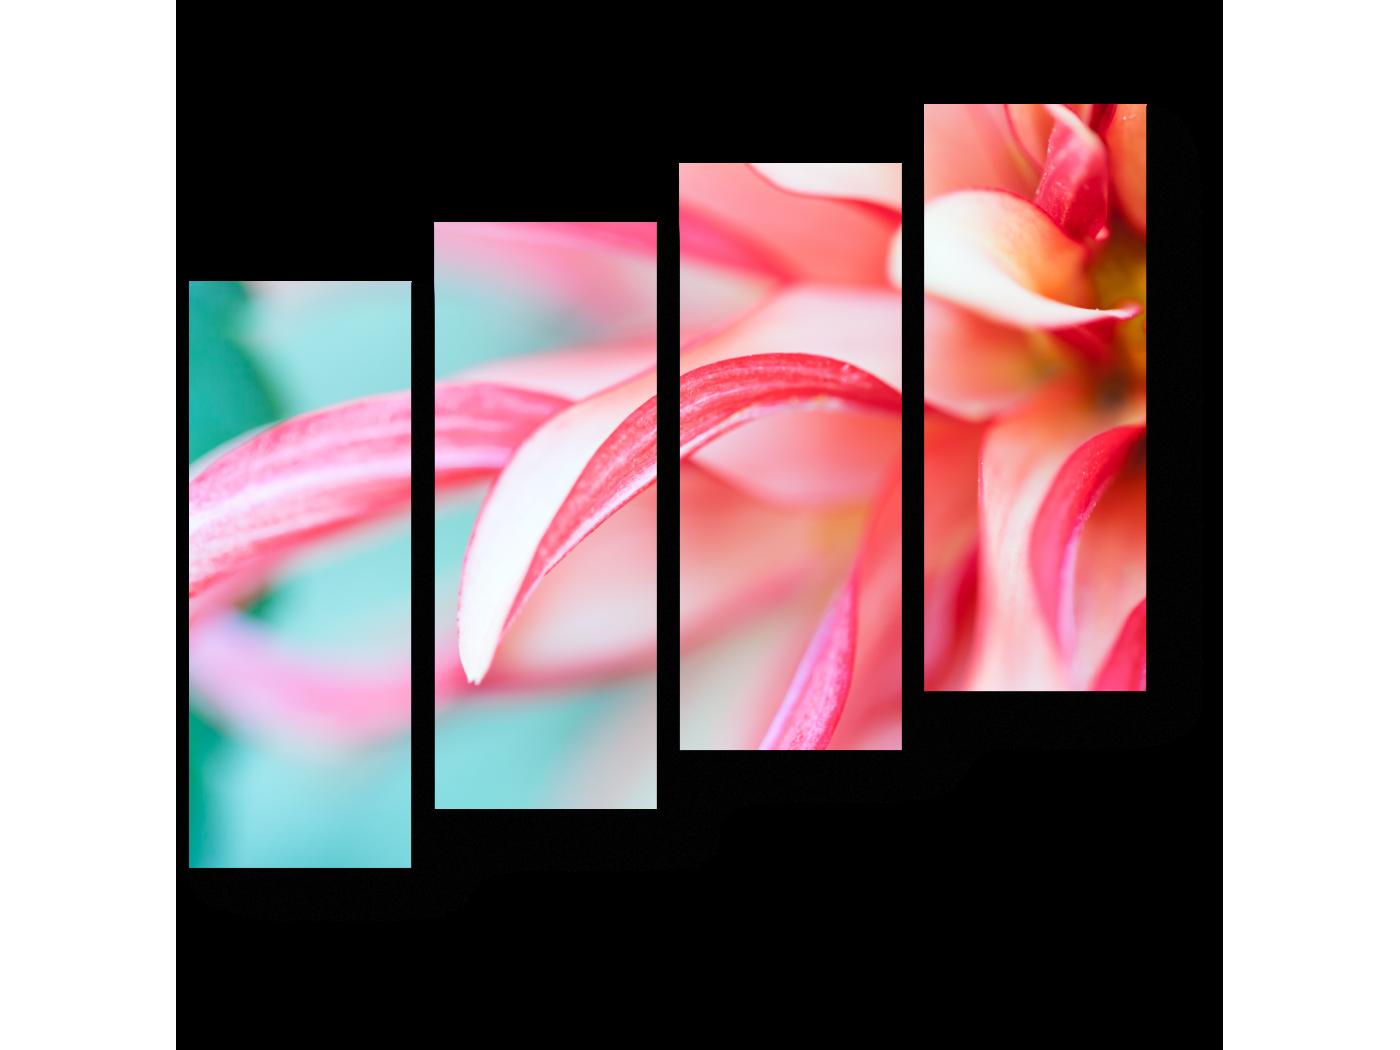 Модульная картина Совершенные изгибы (80x69) фото